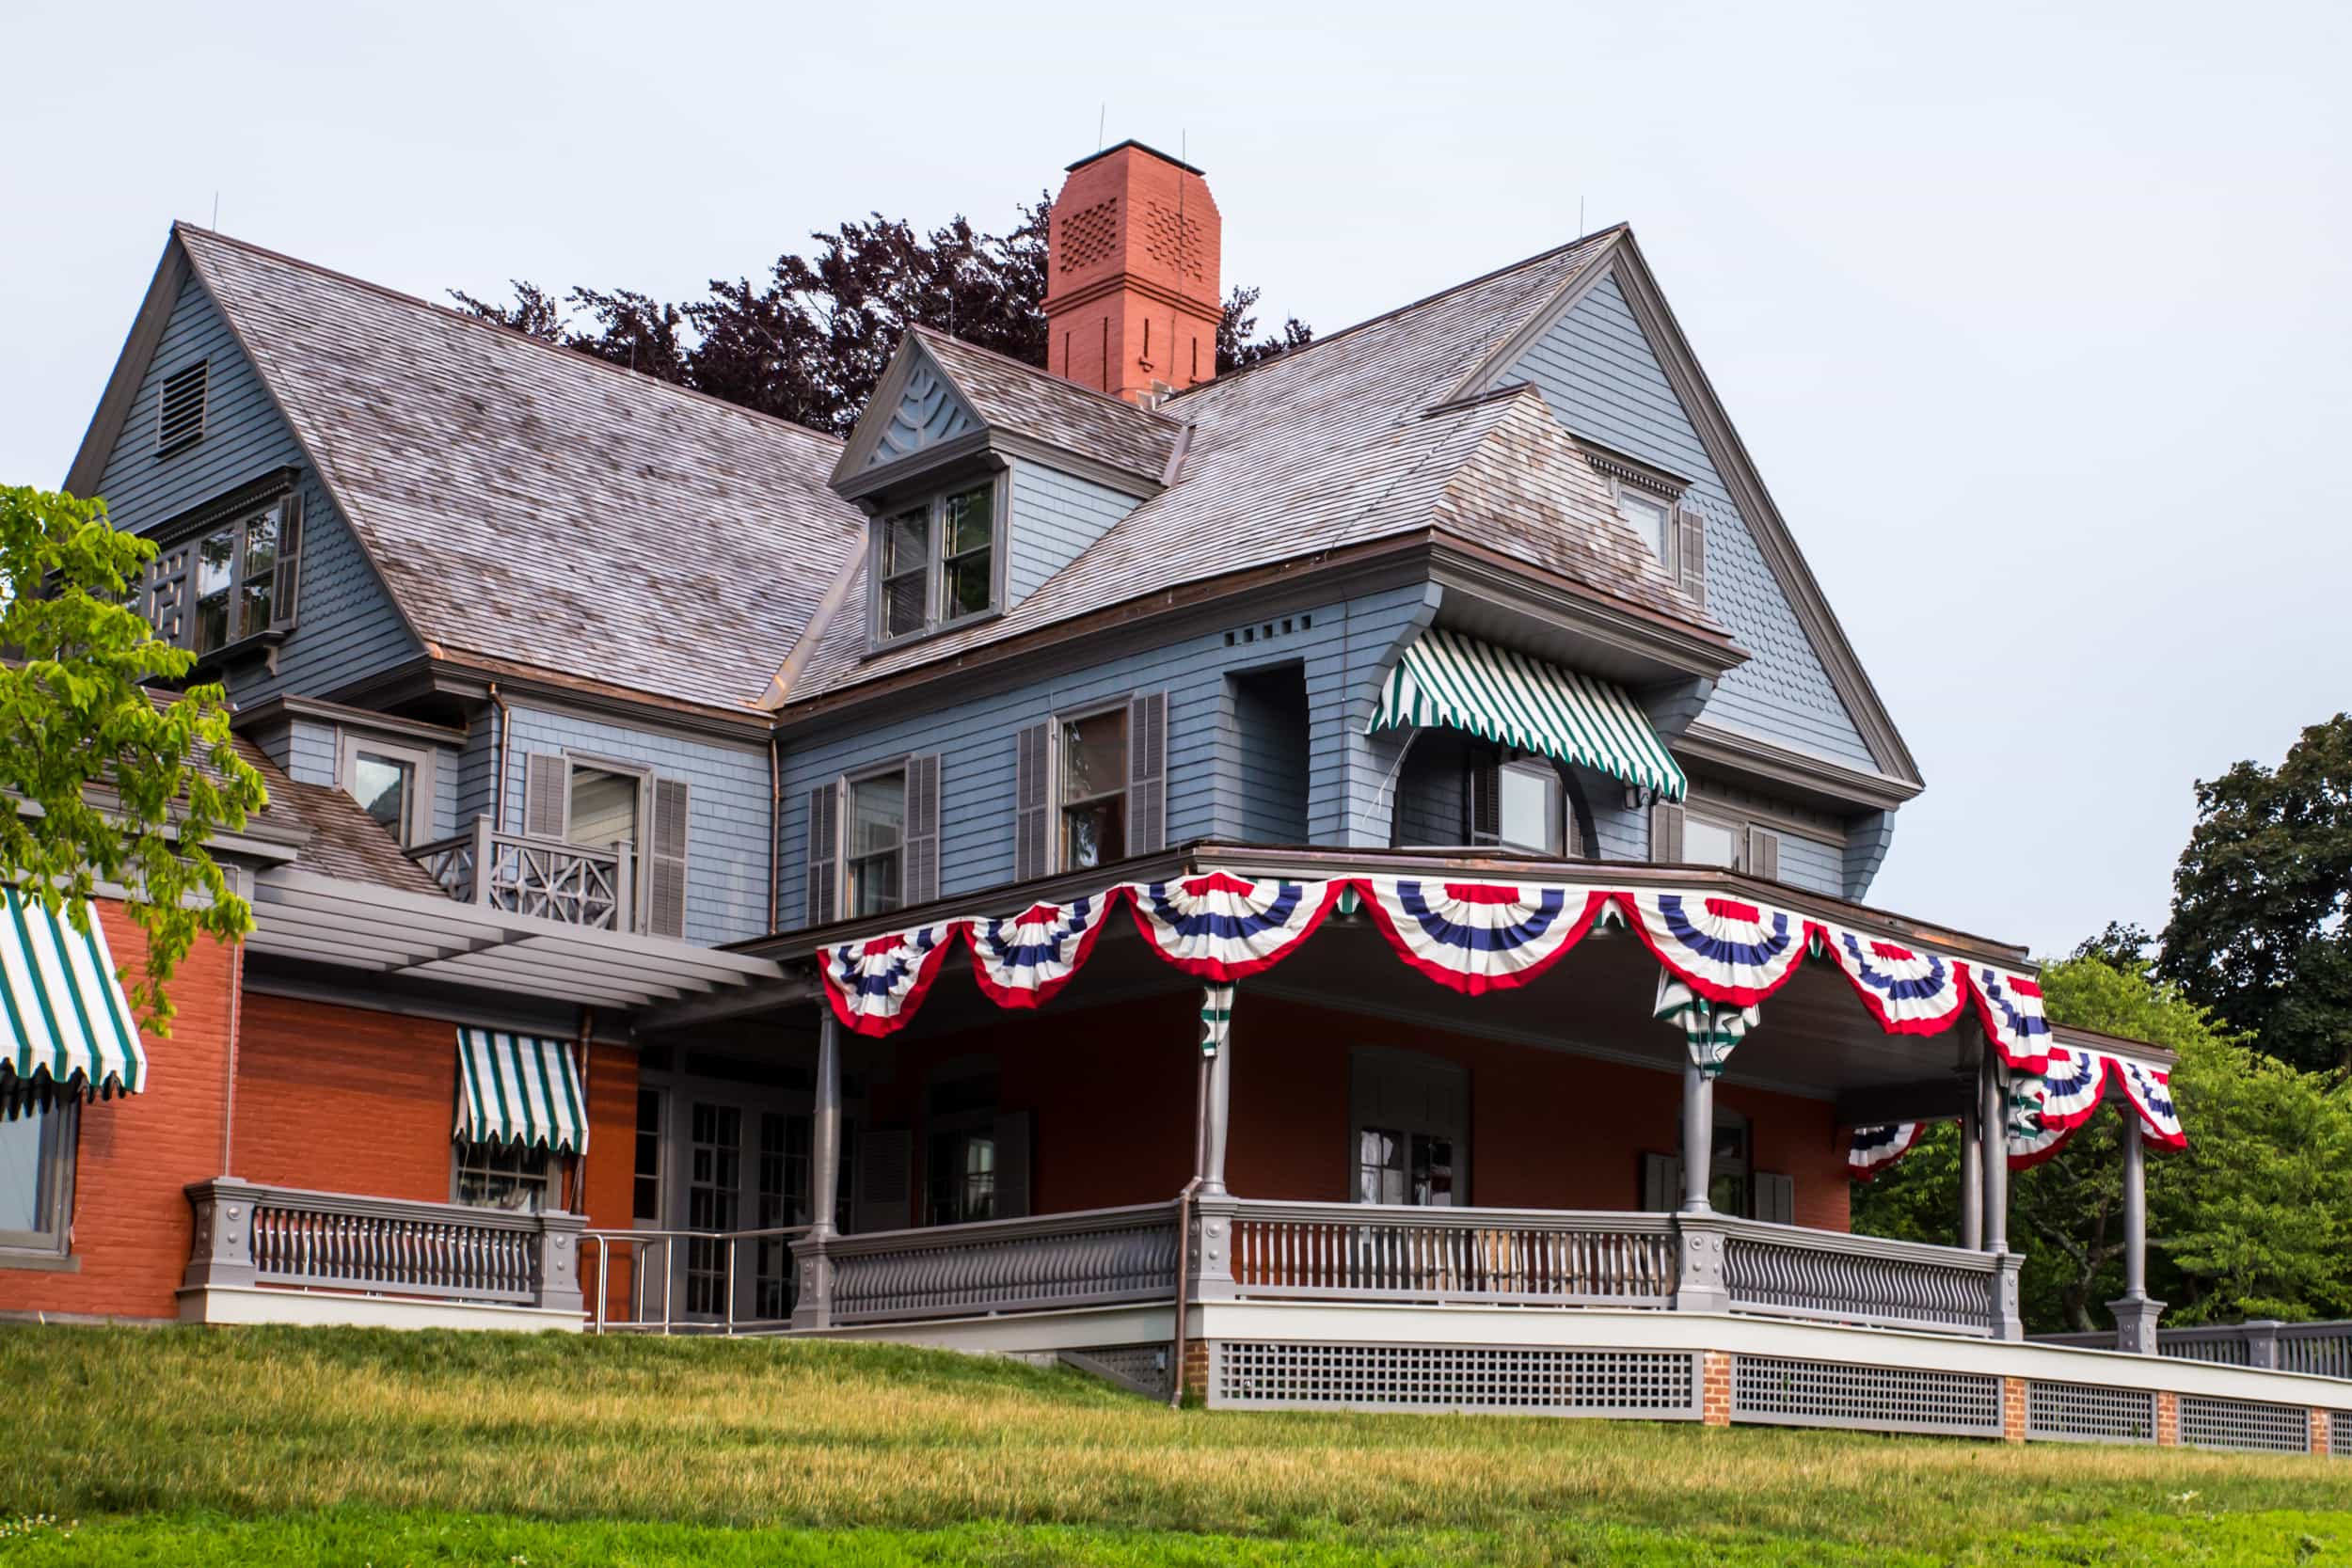 AI/BLC's Darin Checchia Interviewed by Historic American Home Magazine